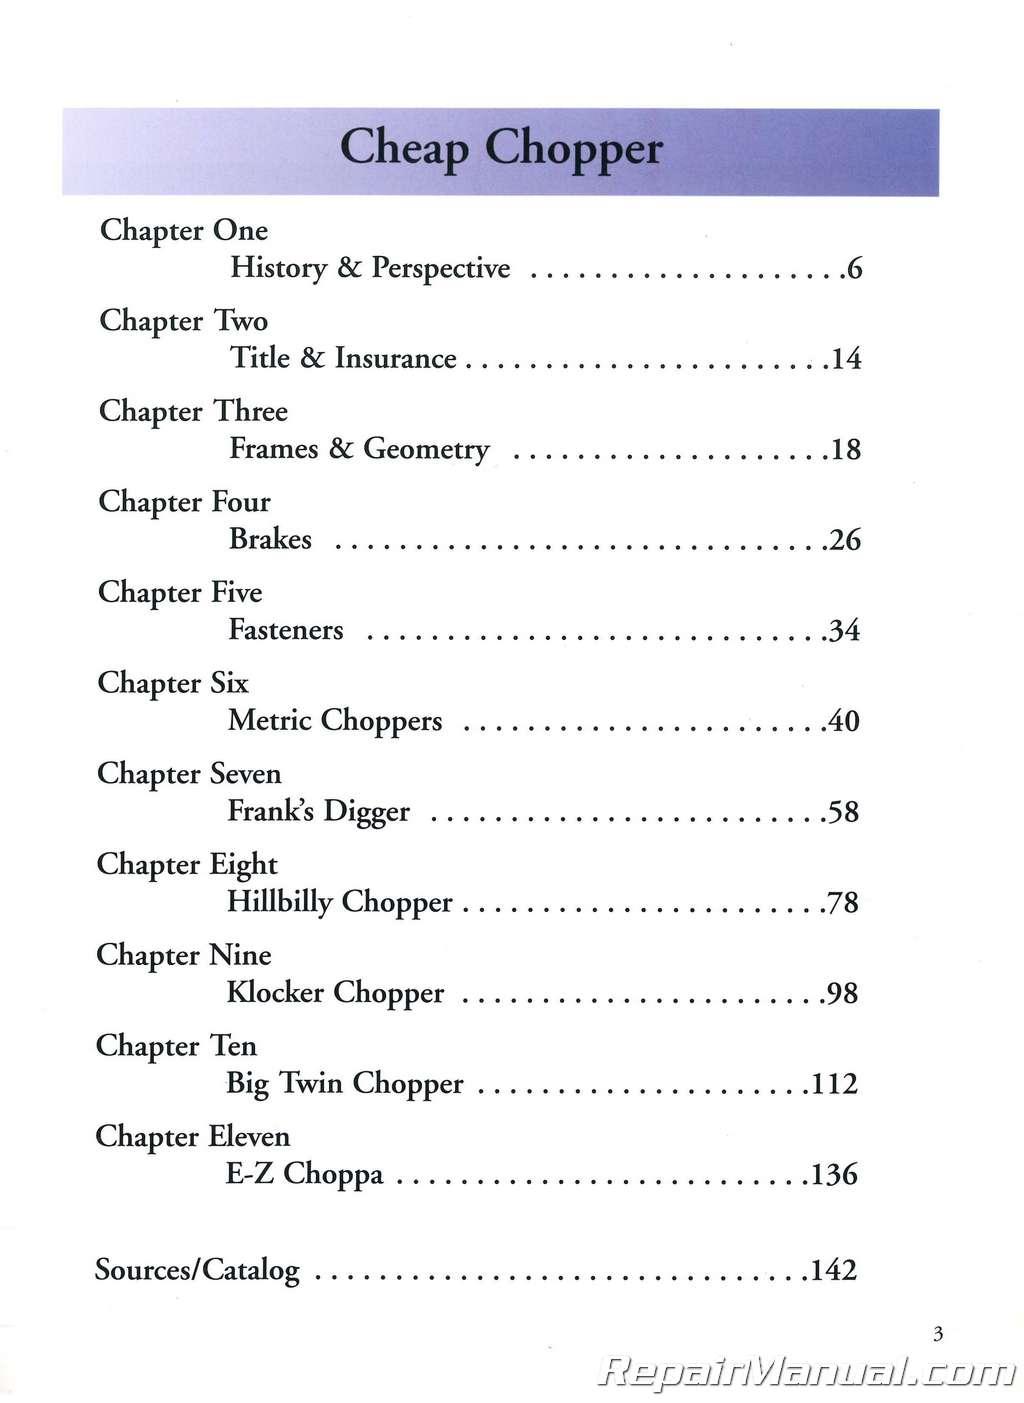 Cheap Brake Jobs >> How to Build a Cheap Chopper By Timothy Remus